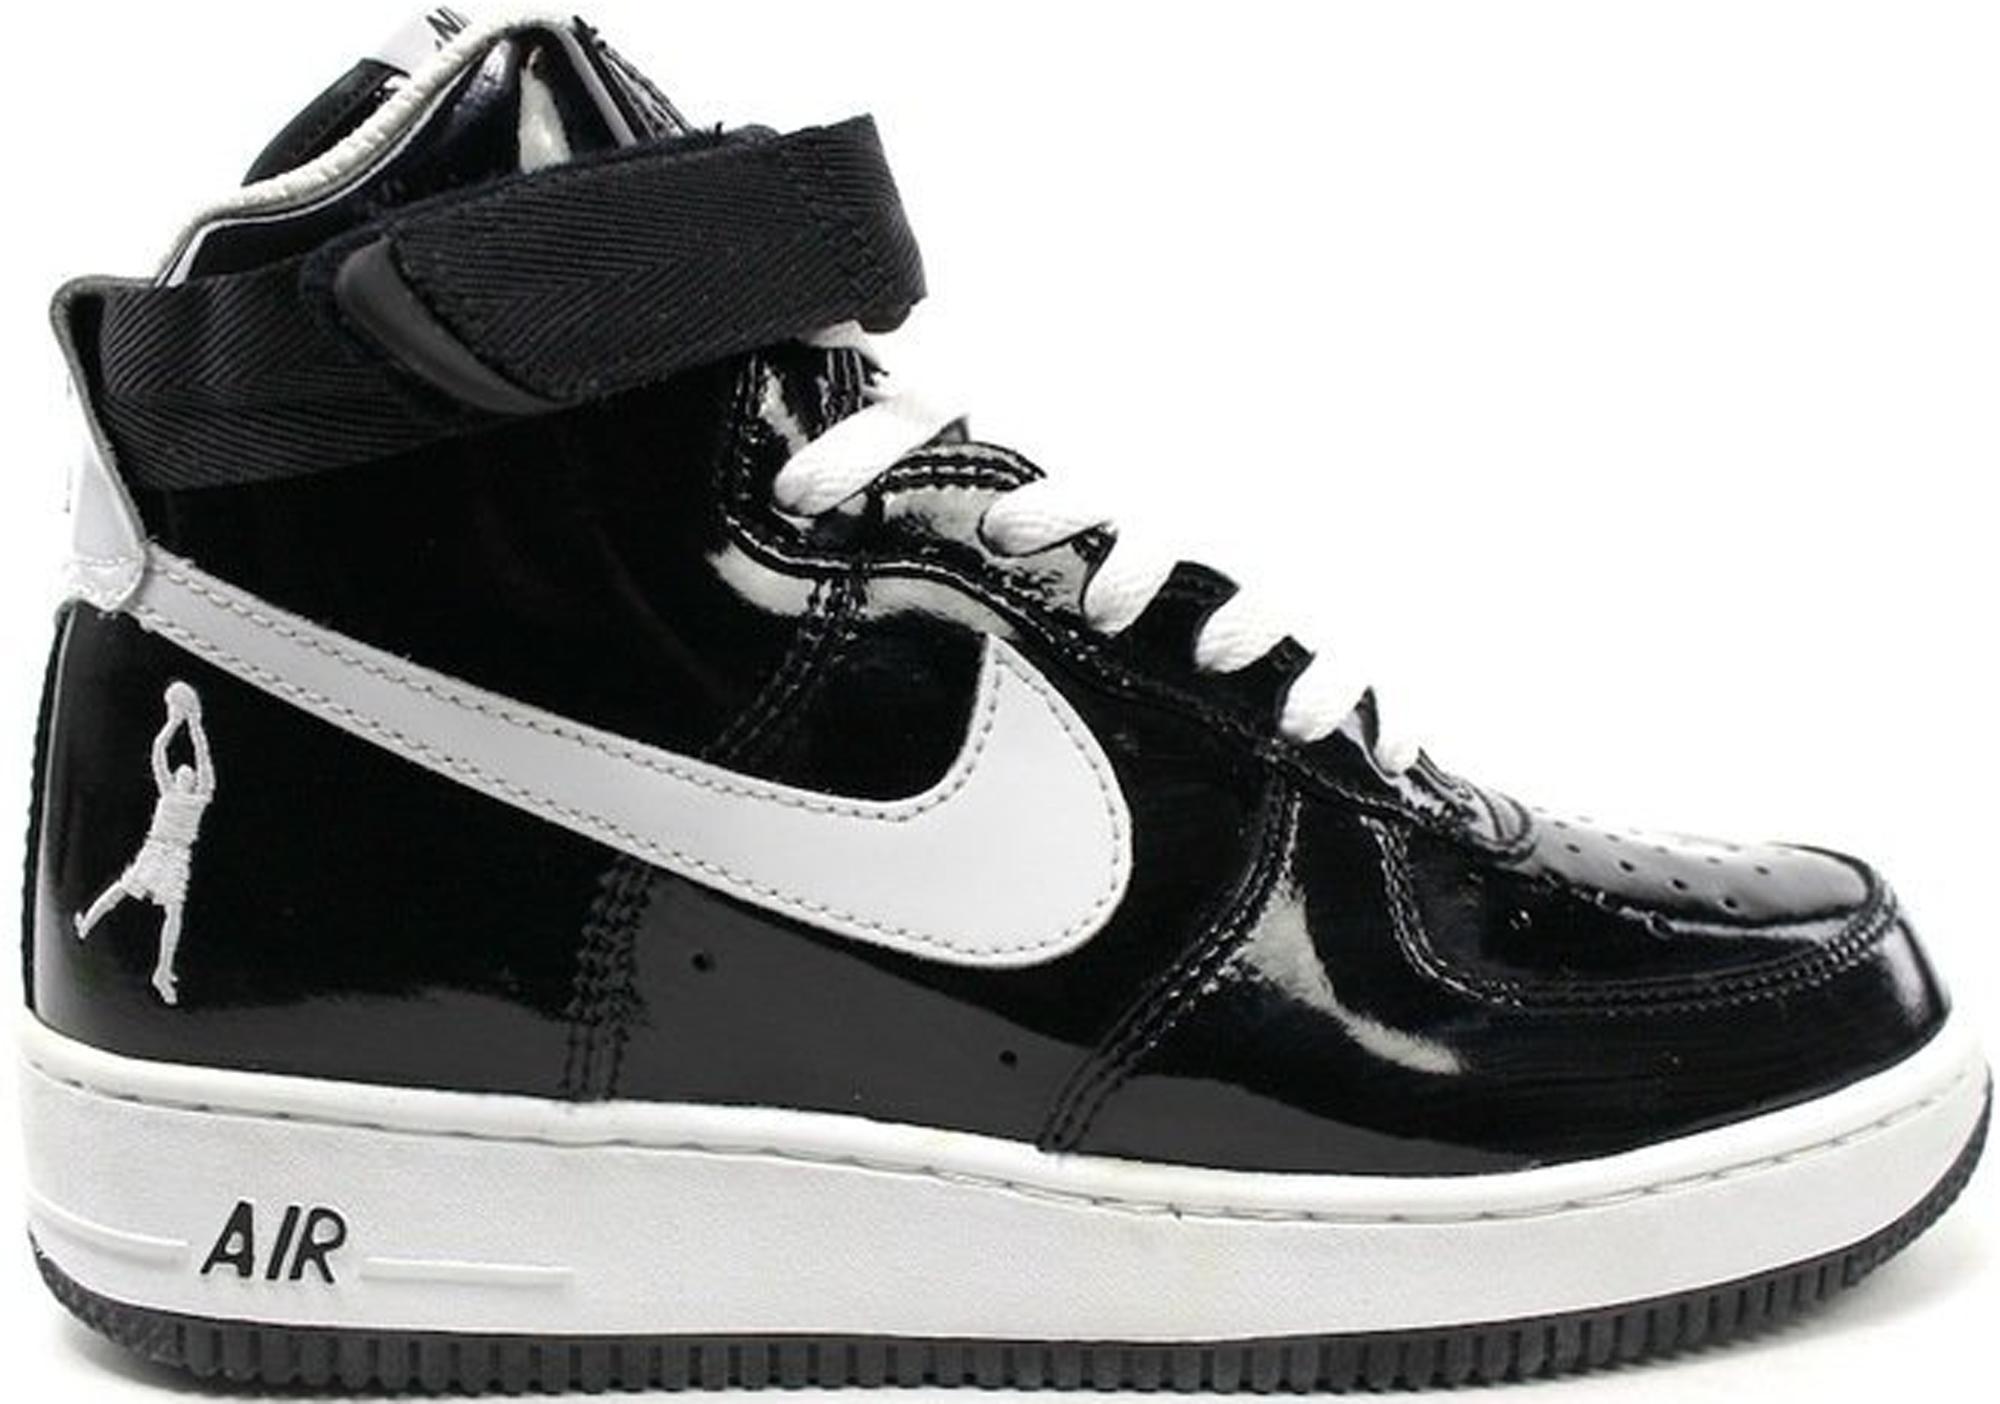 Nike Air Force 1 High Sheed Black